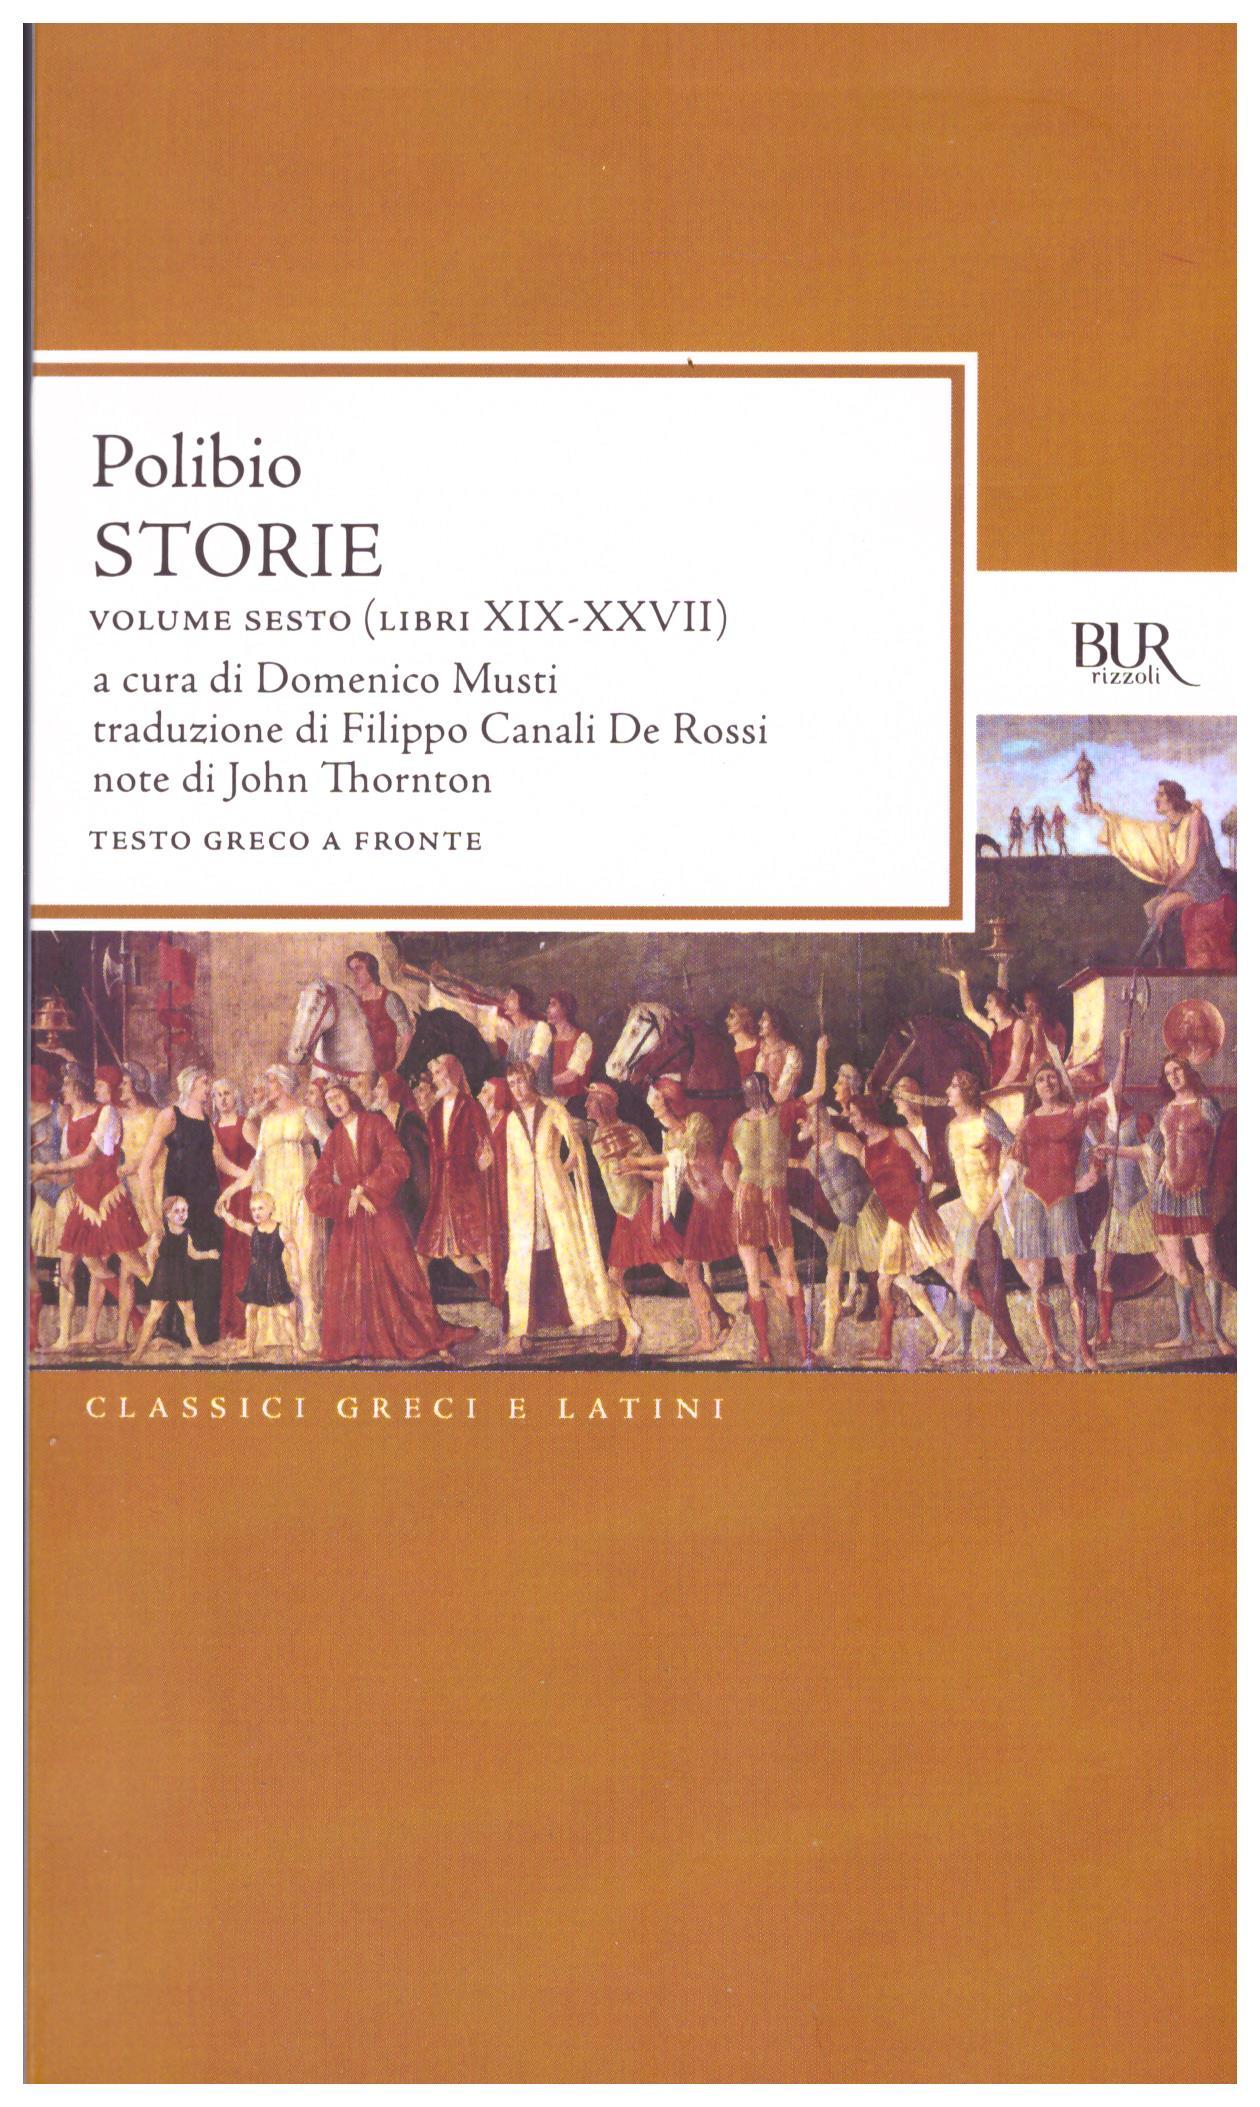 Titolo: Storie volume sesto-libri XIX-XXVII Autore: Polibio Editore: Bur, 2010